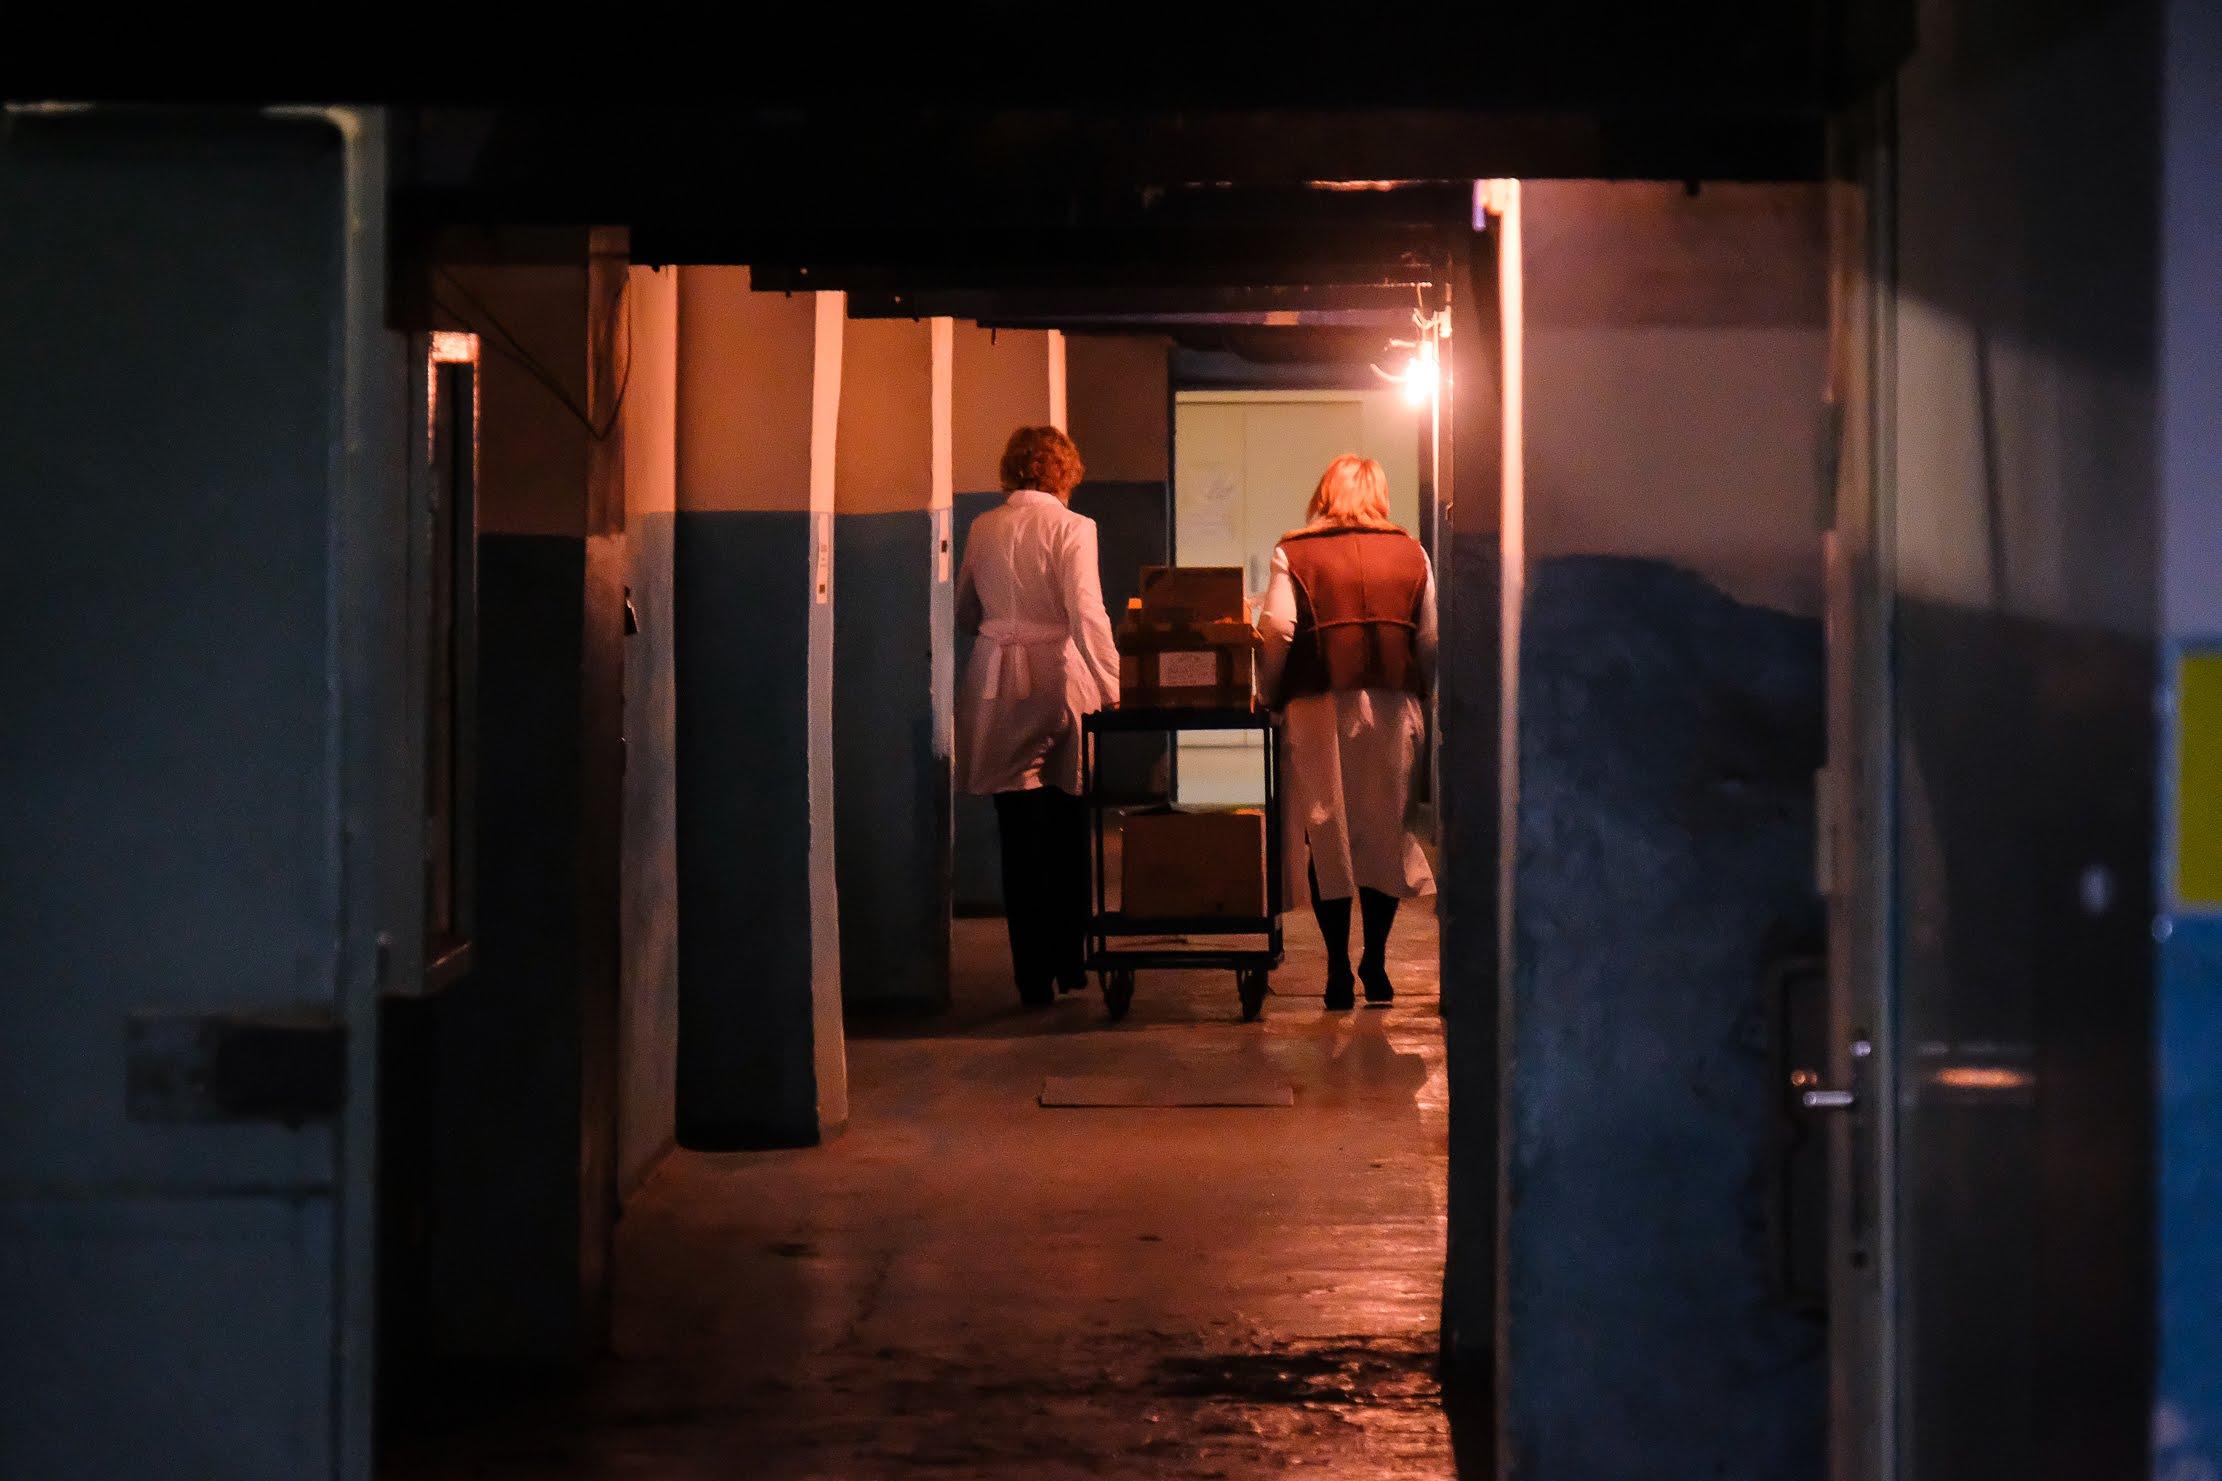 Нині пацієнтам та персоналу доводиться переміщуватися підвальним приміщенням